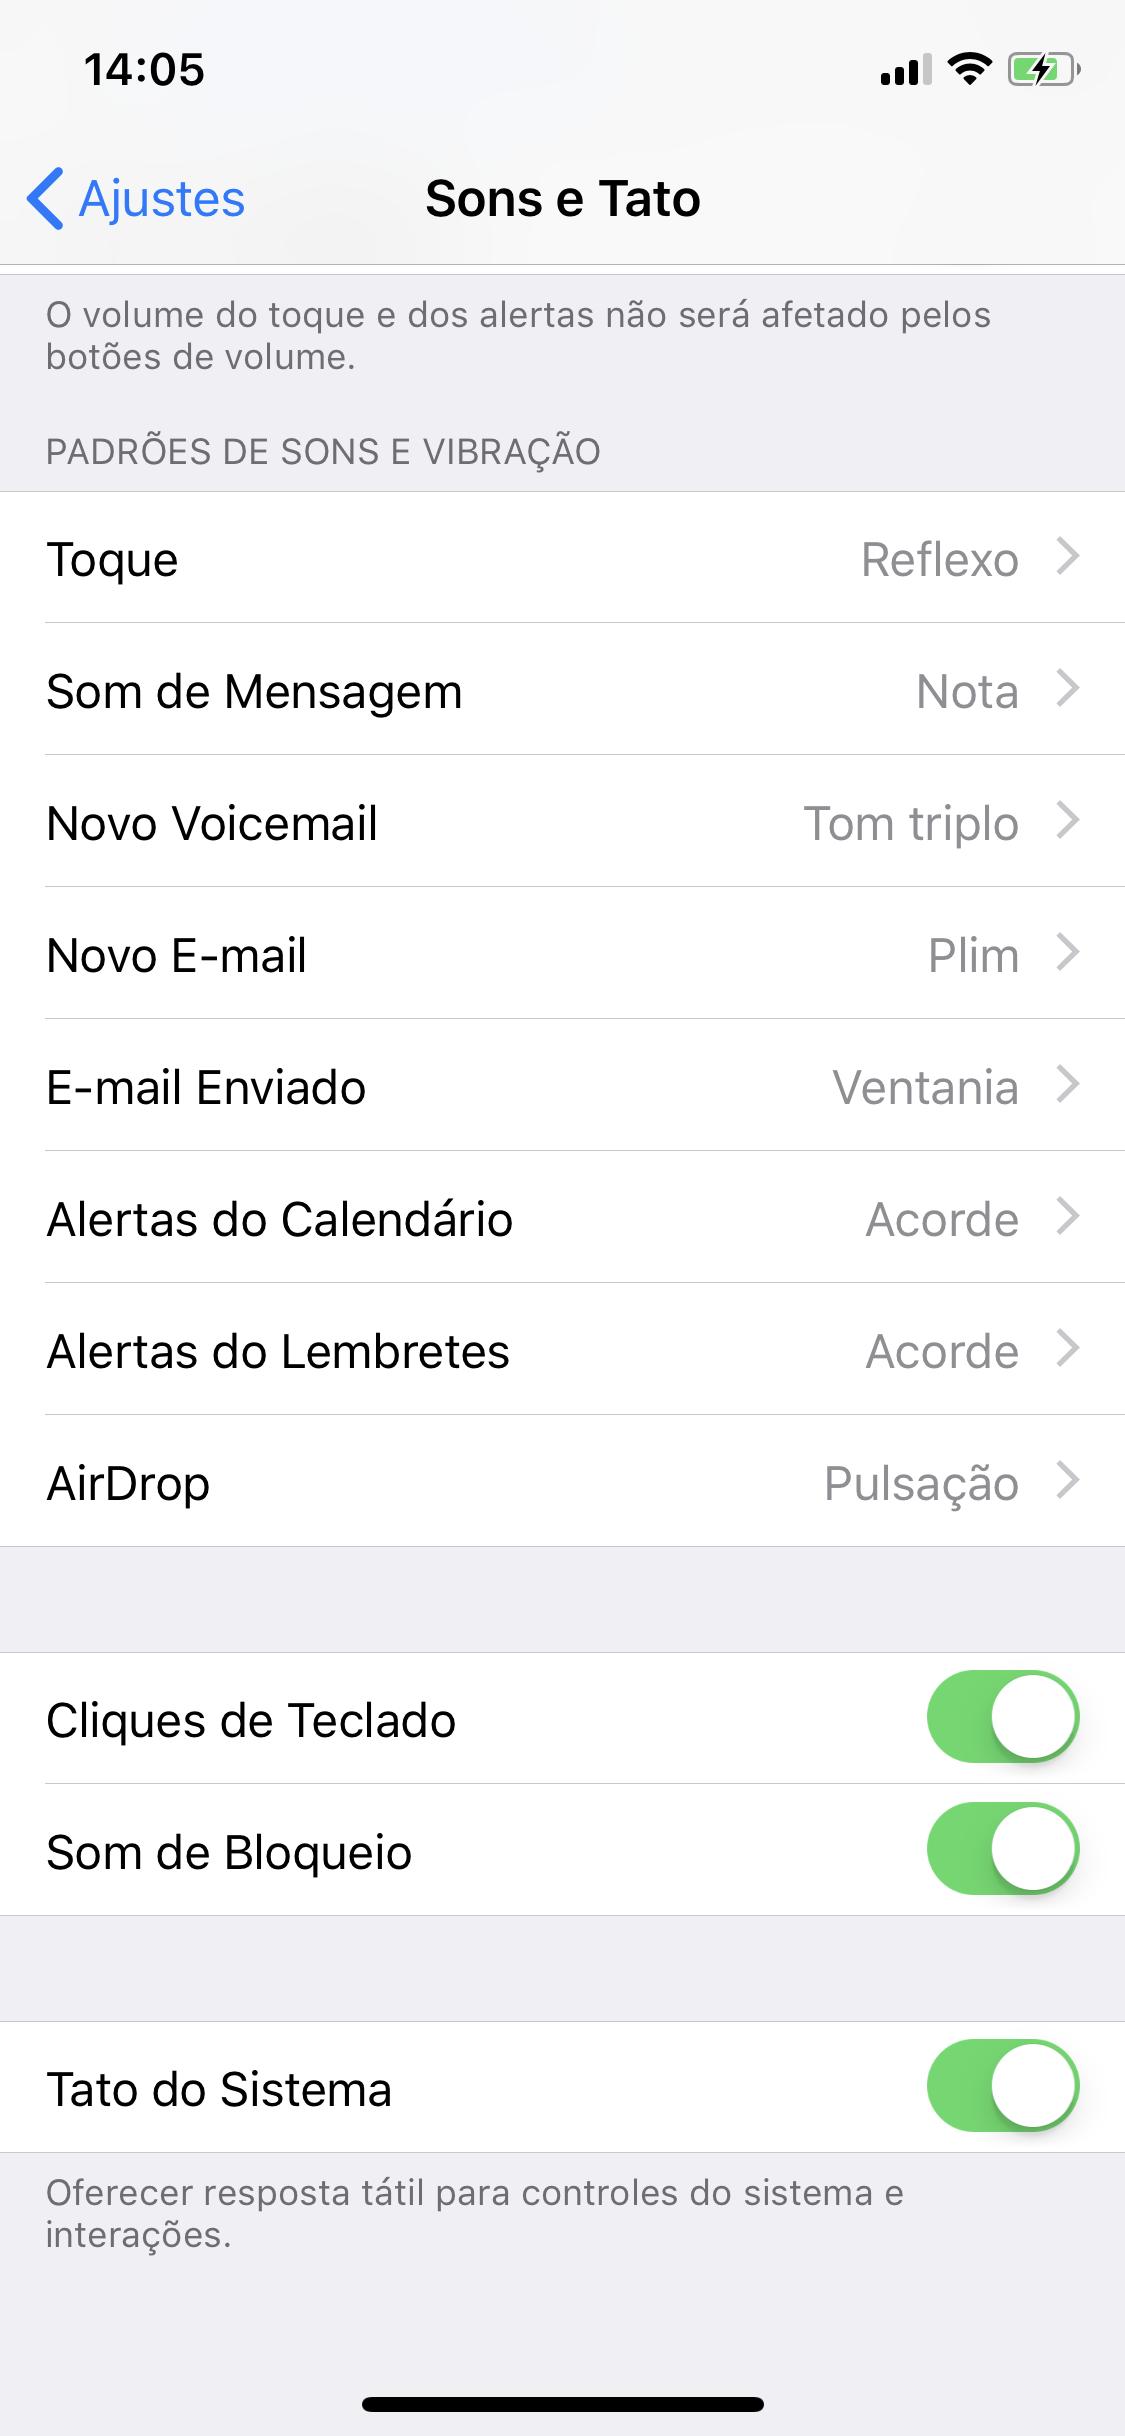 Ajustes do iOS - Sons e Tato